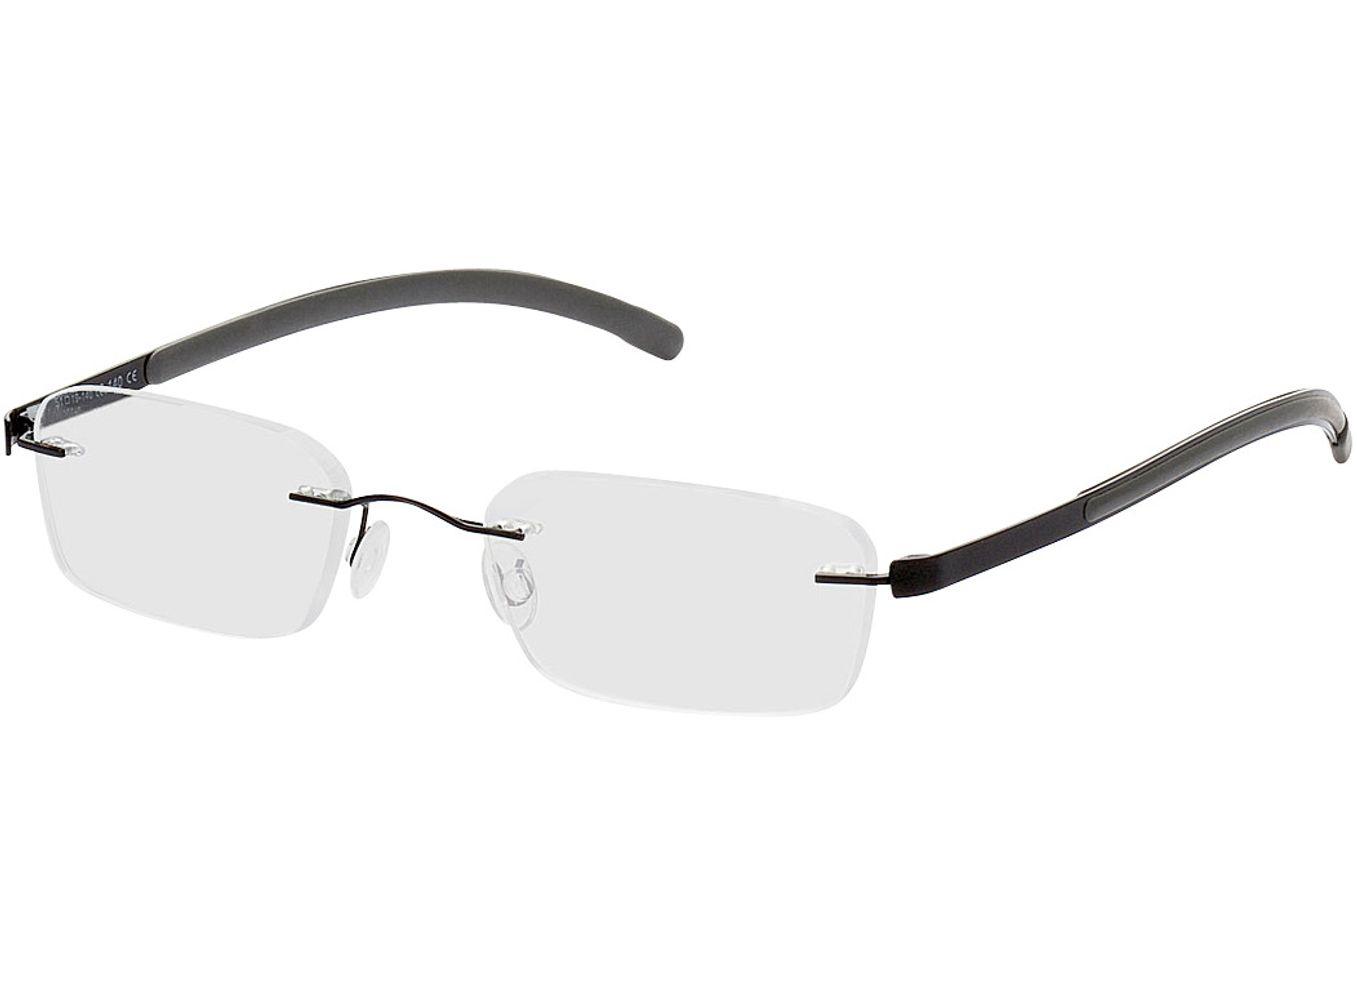 1630-singlevision-0000 Welkom-schwarz/grau Gleitsichtbrille, Randlos, Dünn Brille24 Collection